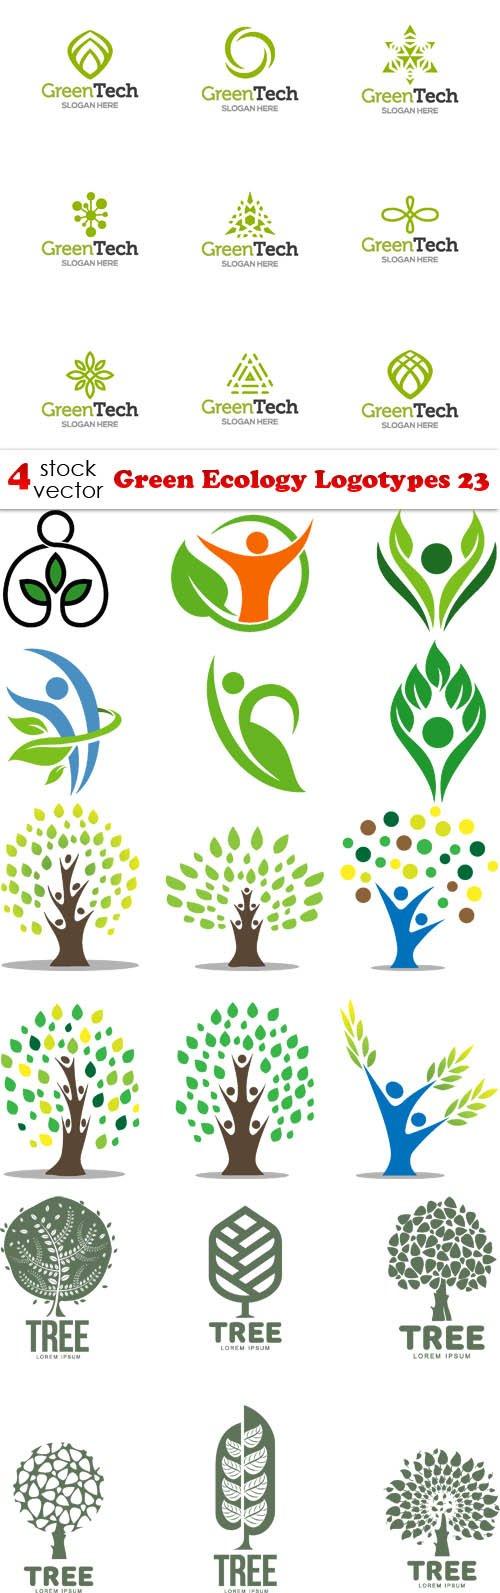 Vectors - Green Ecology Logotypes 23